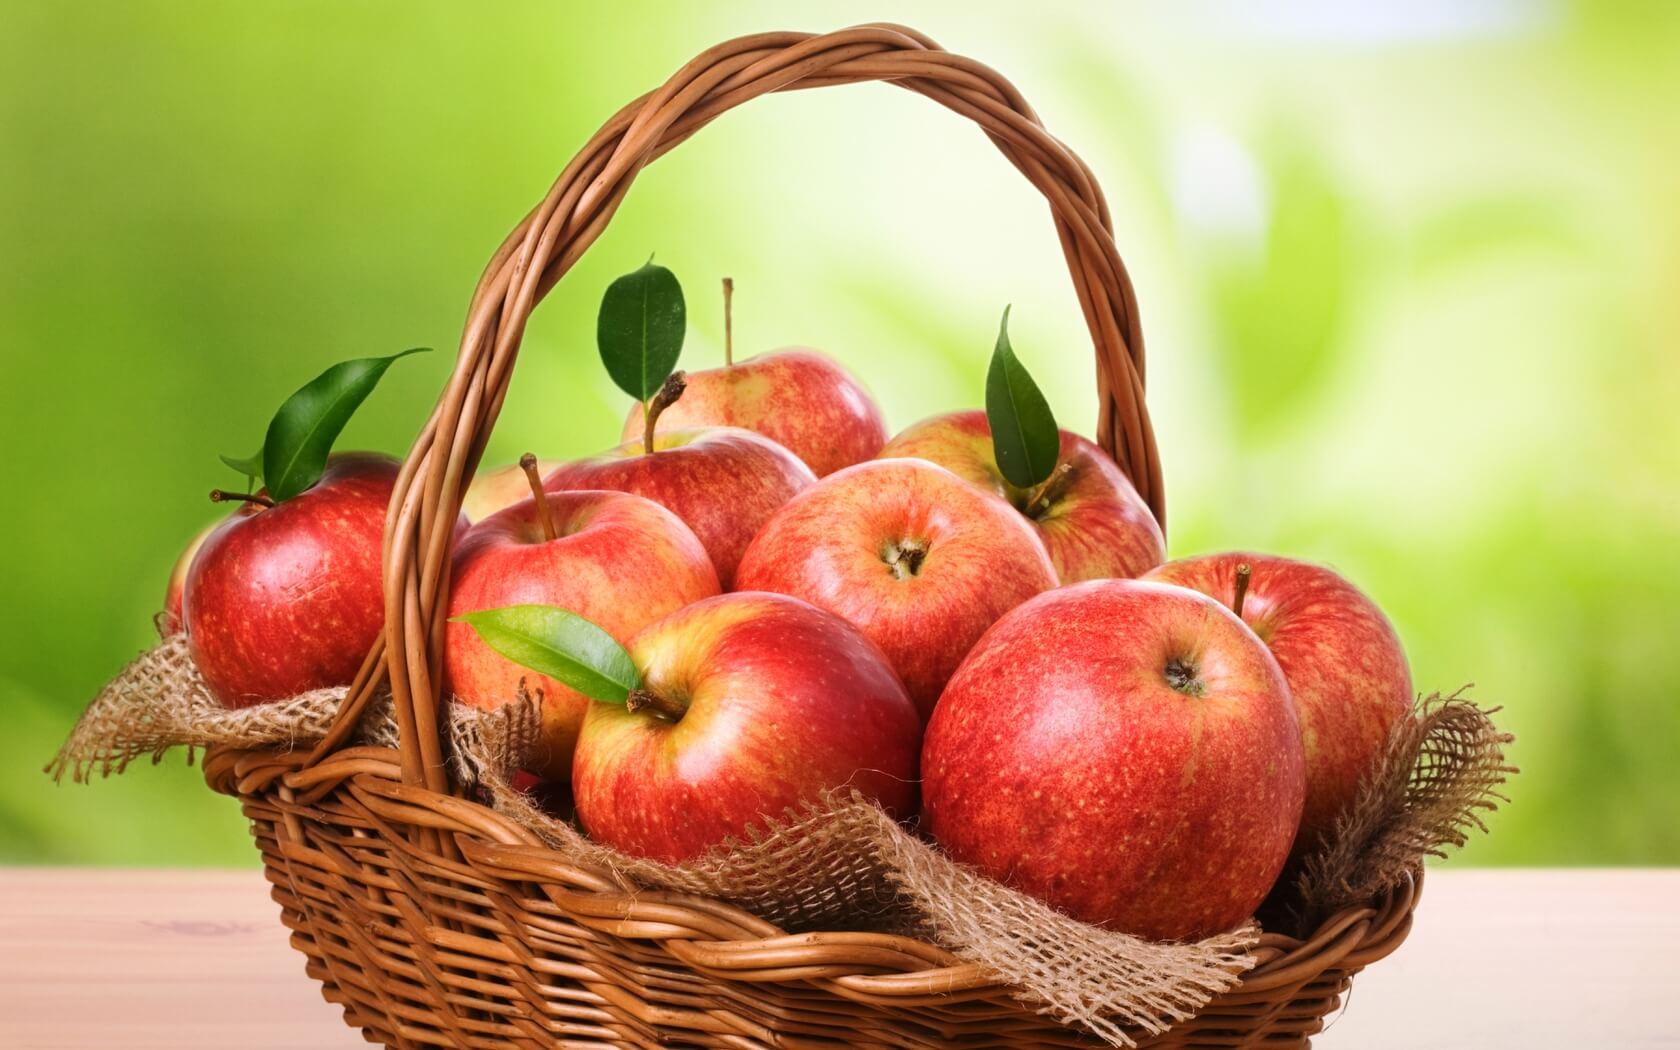 ვაშლი სიცოცხლეს ახანგრძლივებს